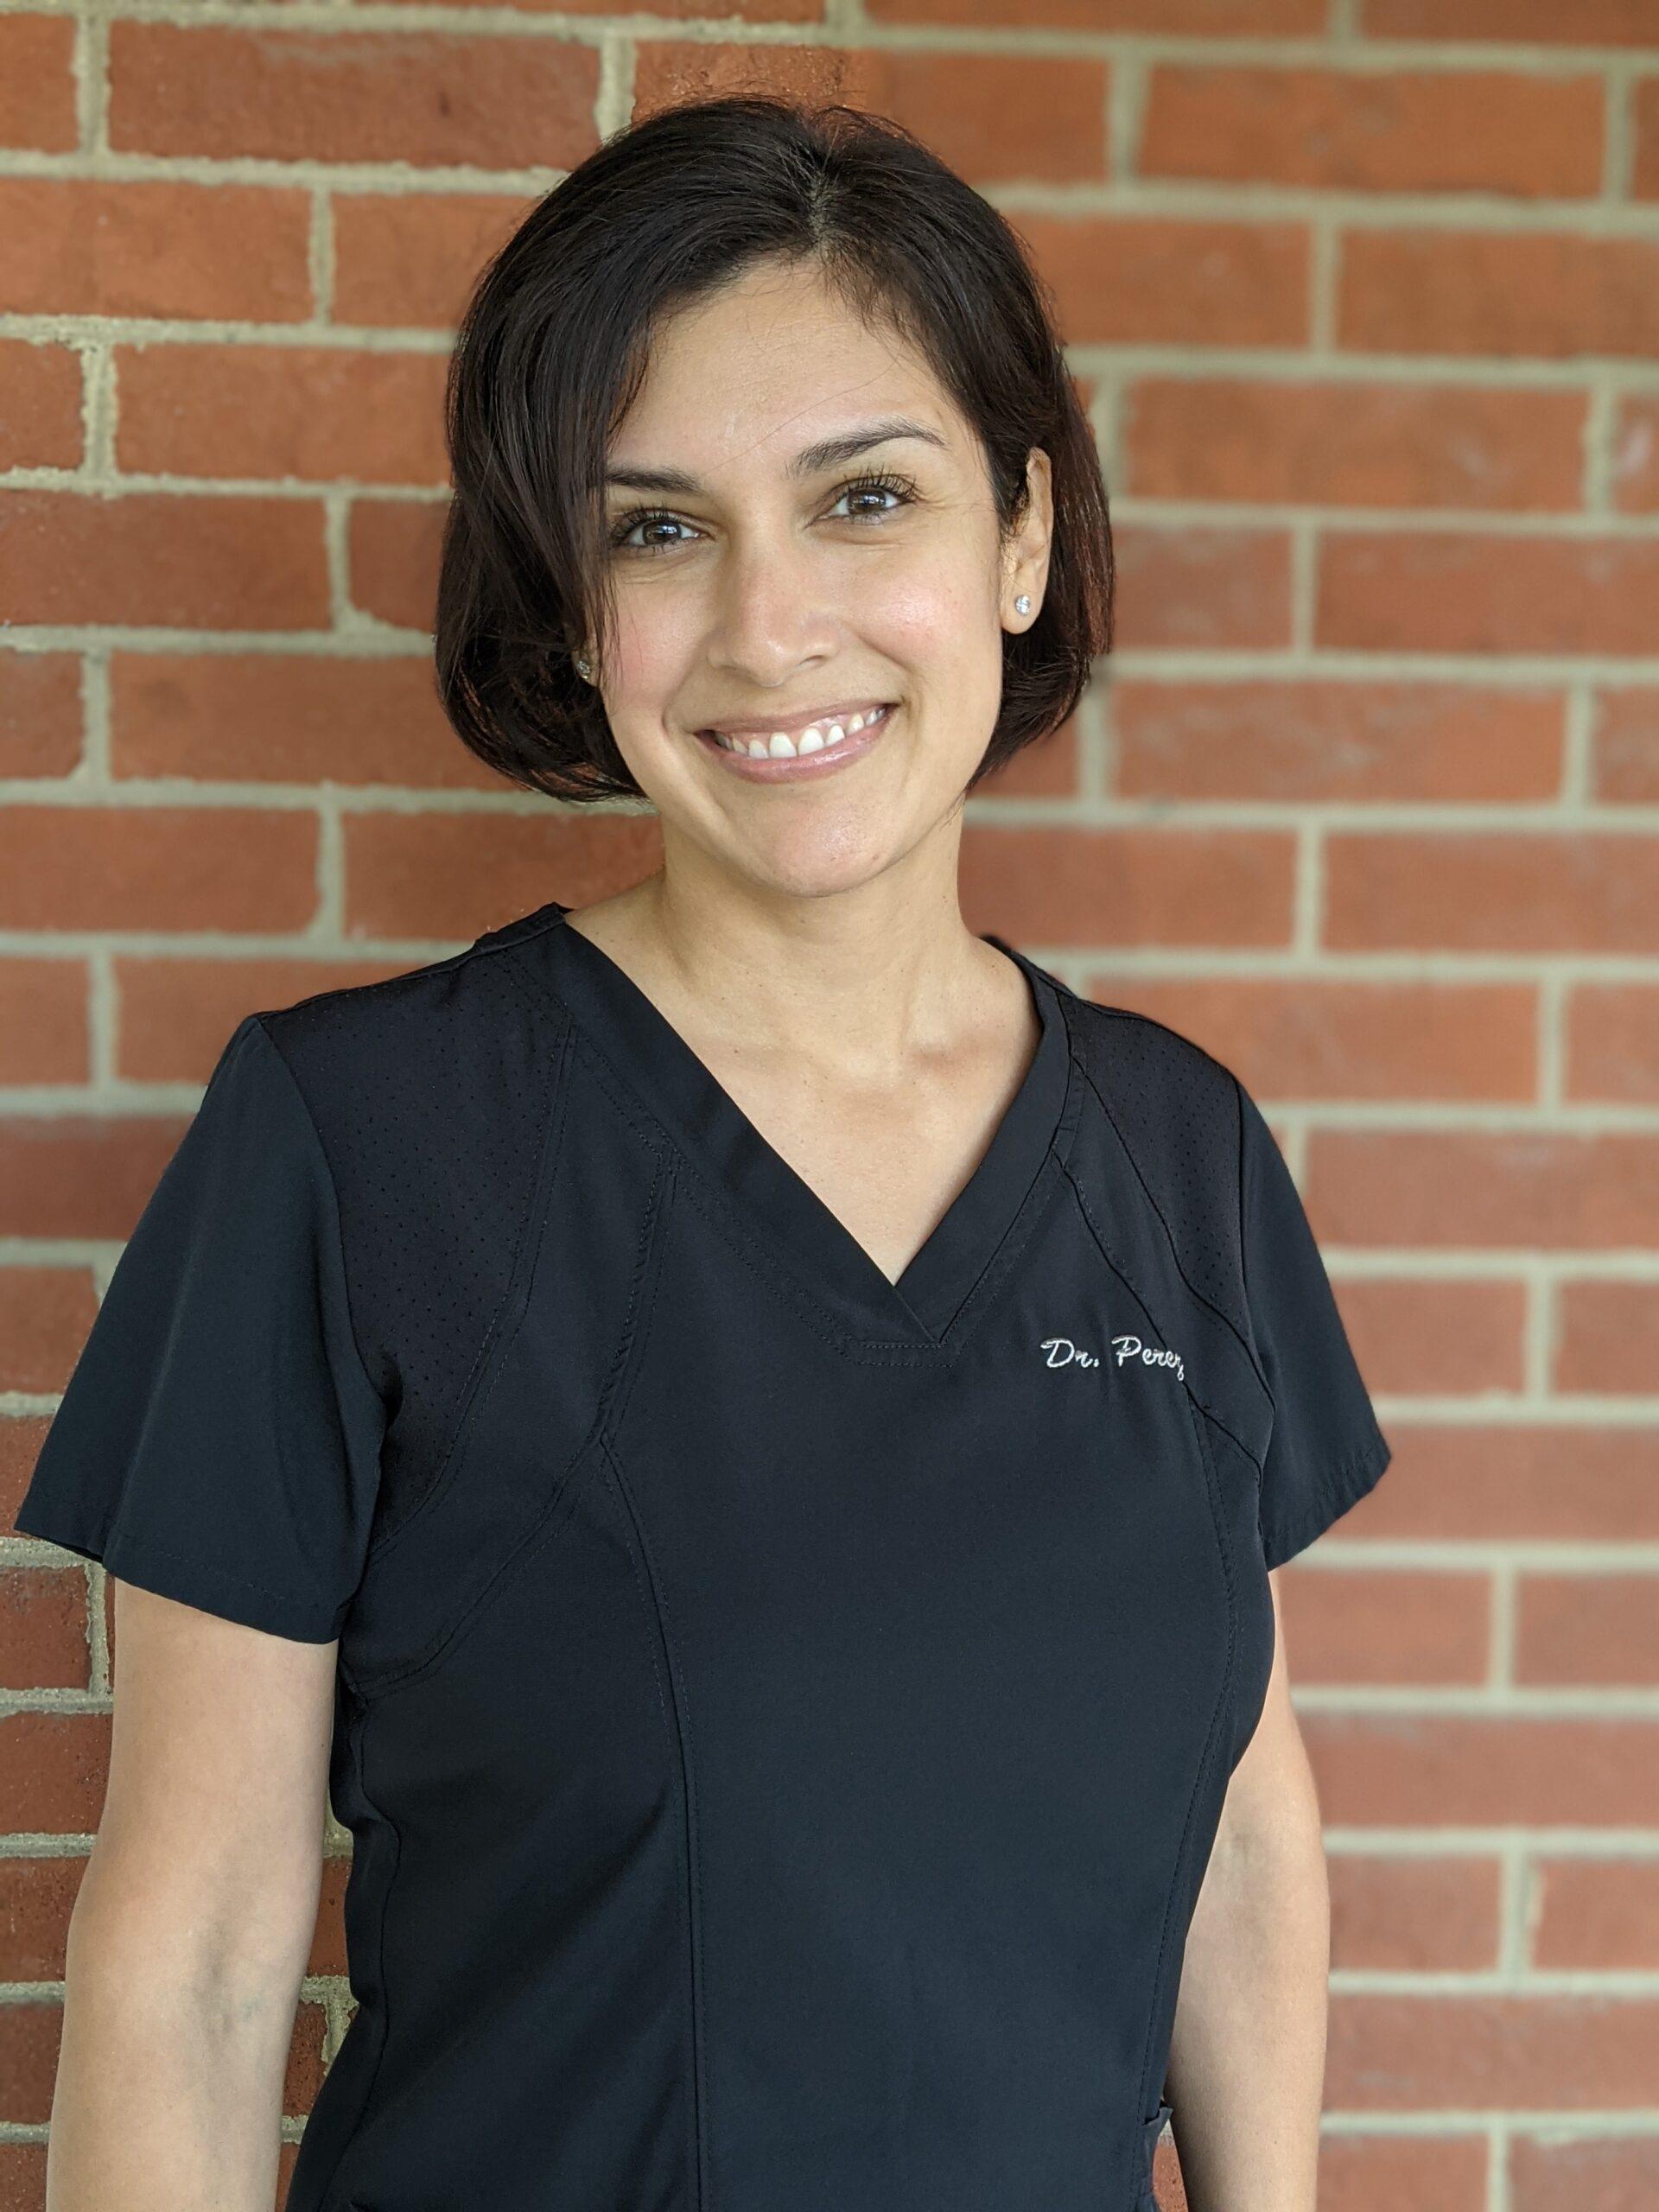 Dr. Maritza Perez